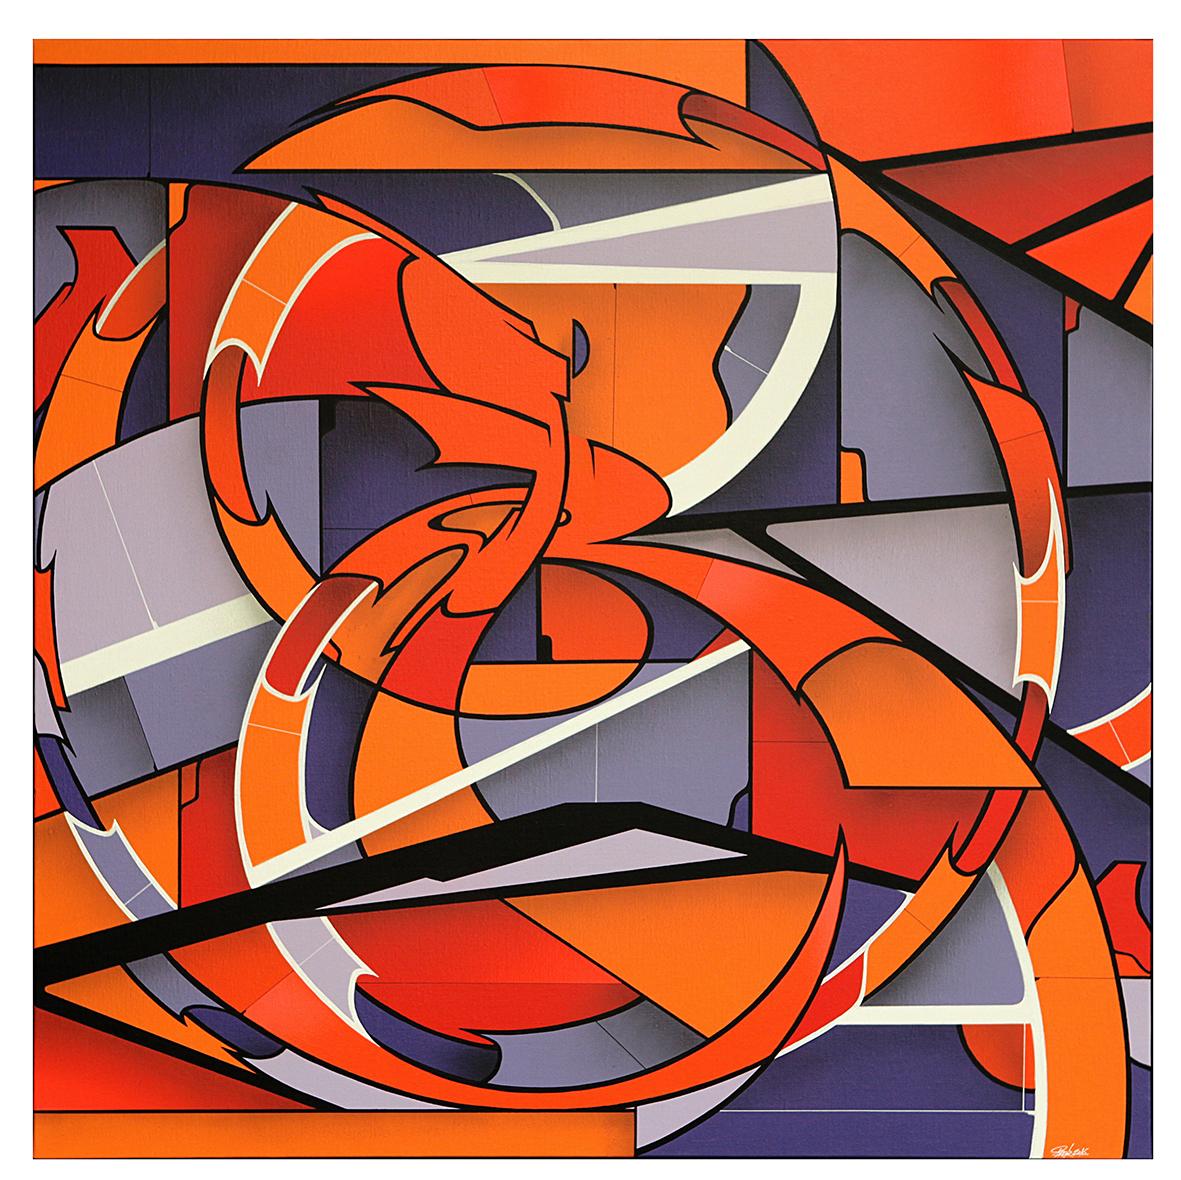 GMTRK-07 acrylique et aérosol sur toile 100 x 100 cm